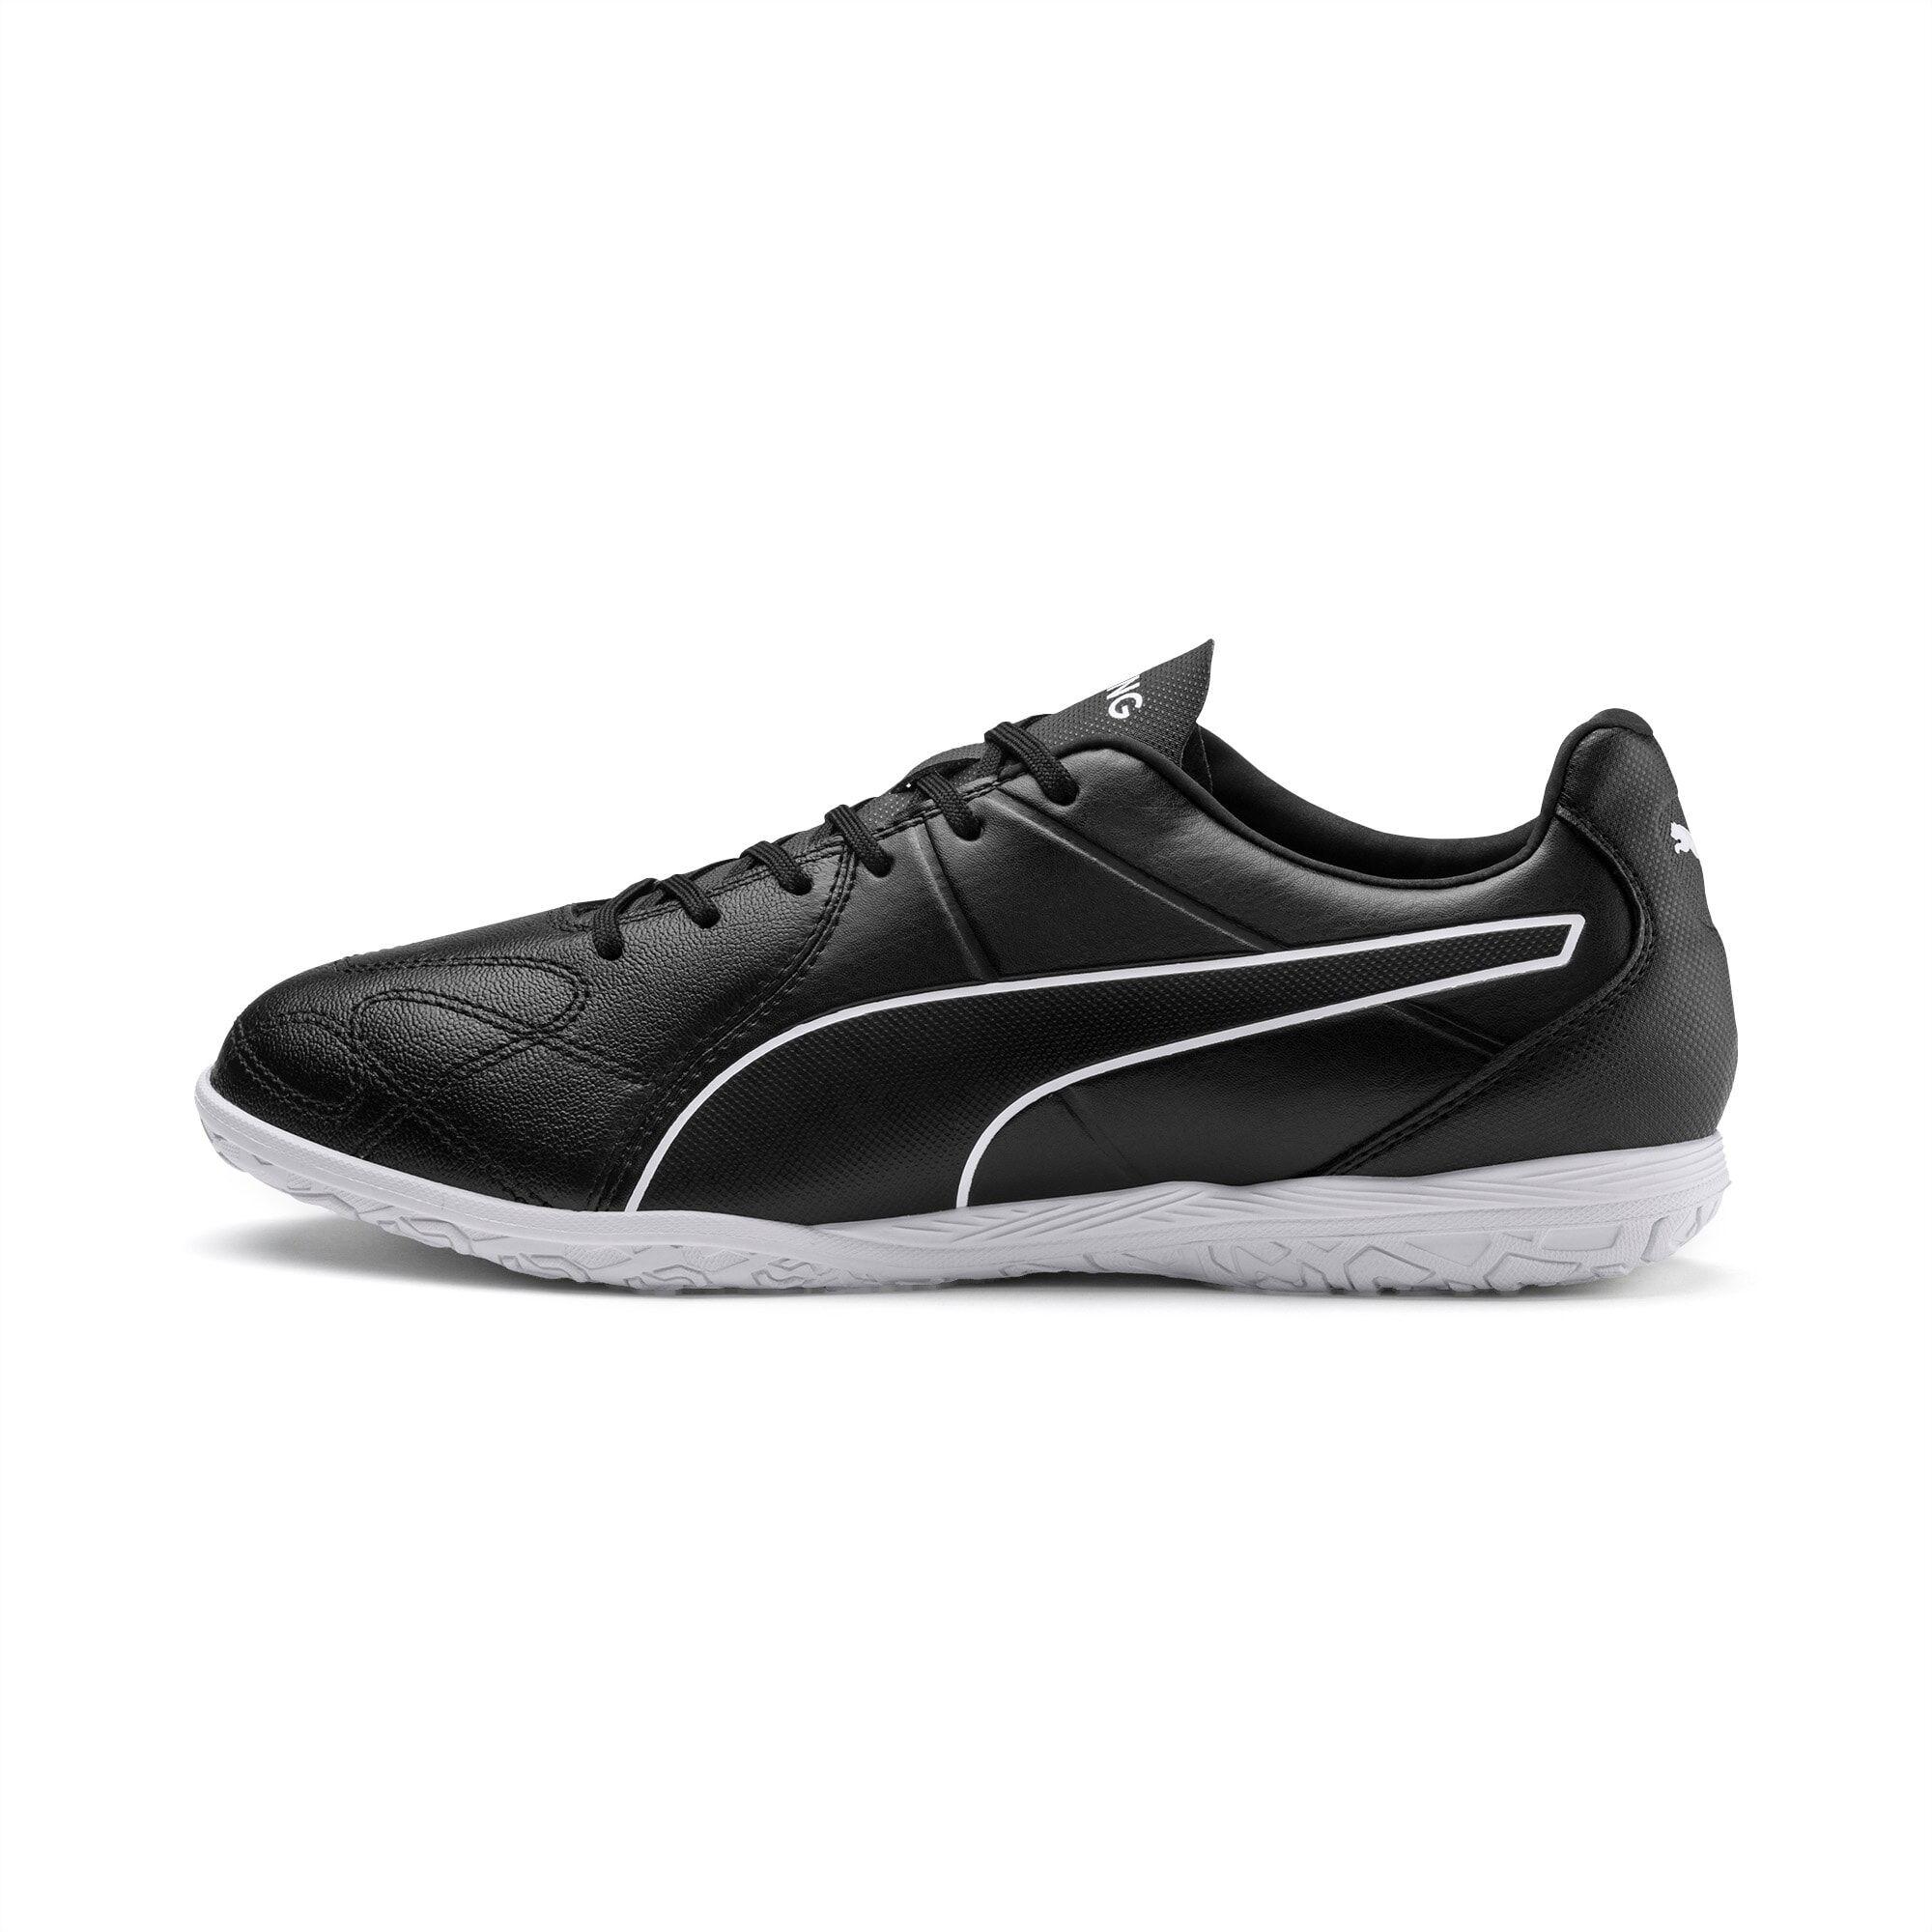 PUMA Chaussure de foot KING Hero IT, Noir/Blanc, Taille 36, Accessoires